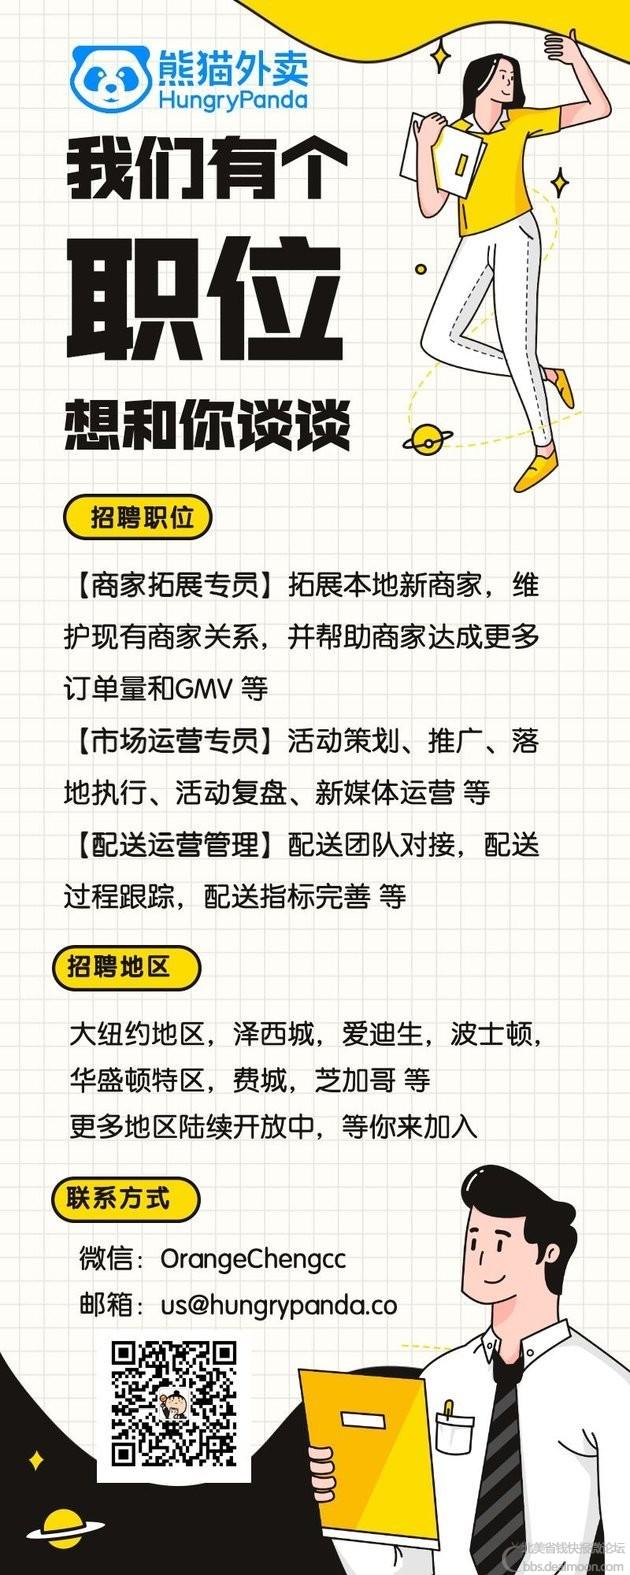 企业内推招聘创意长图 (2).jpg